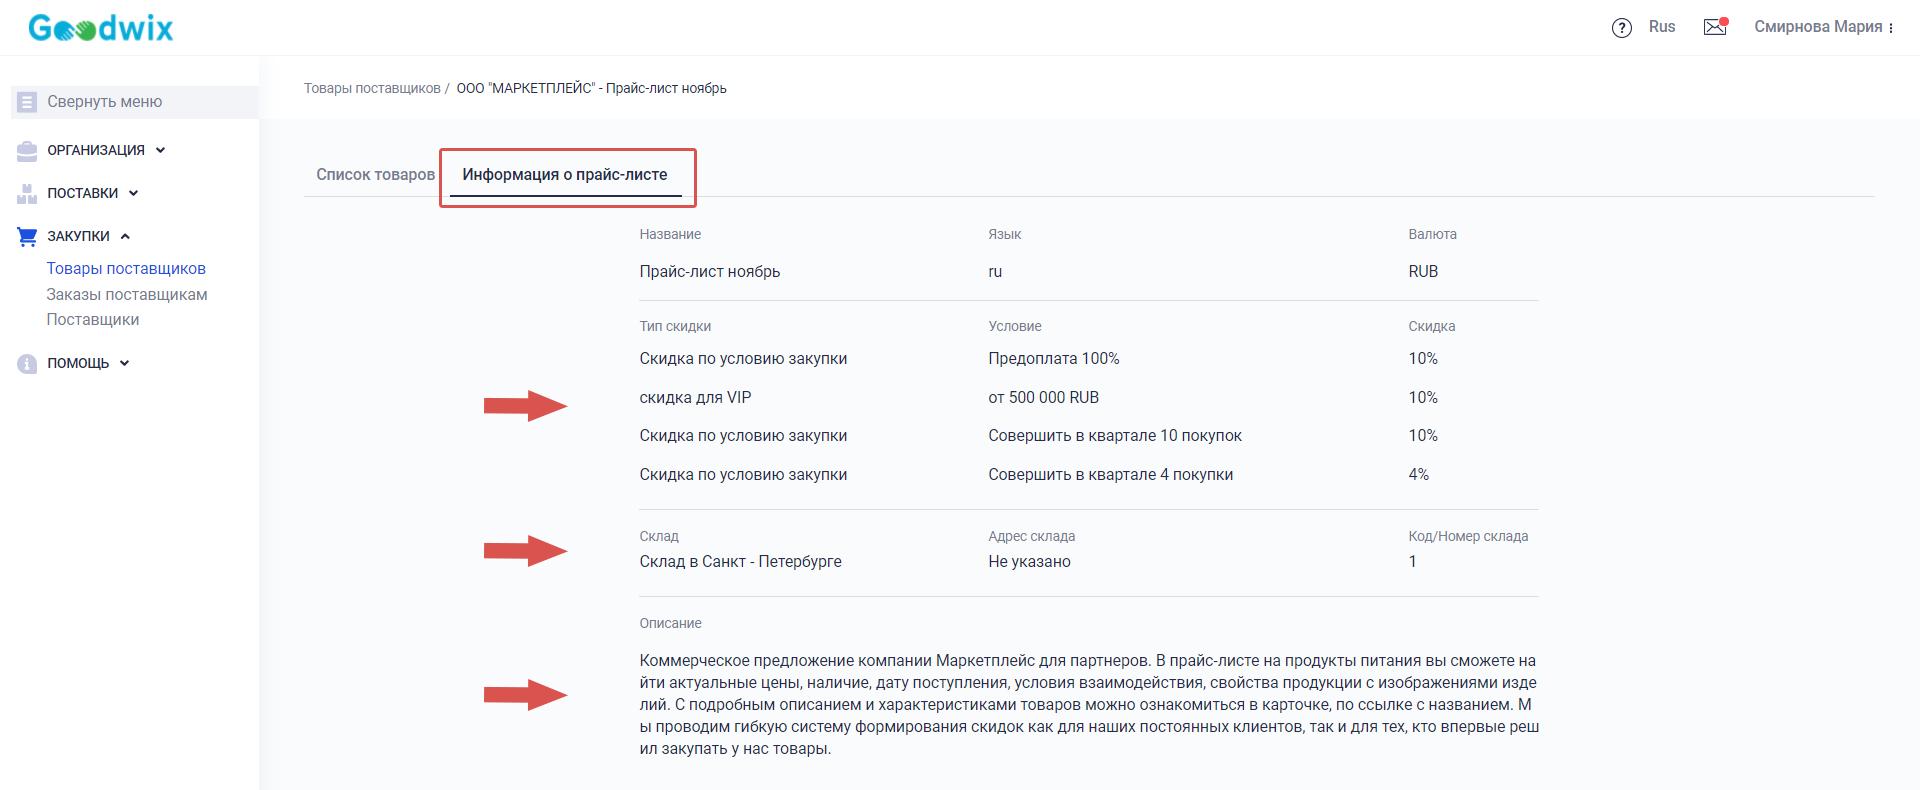 Общие сведения о прайс-листе_Руководство по работе с товарами и заказами поставщикам